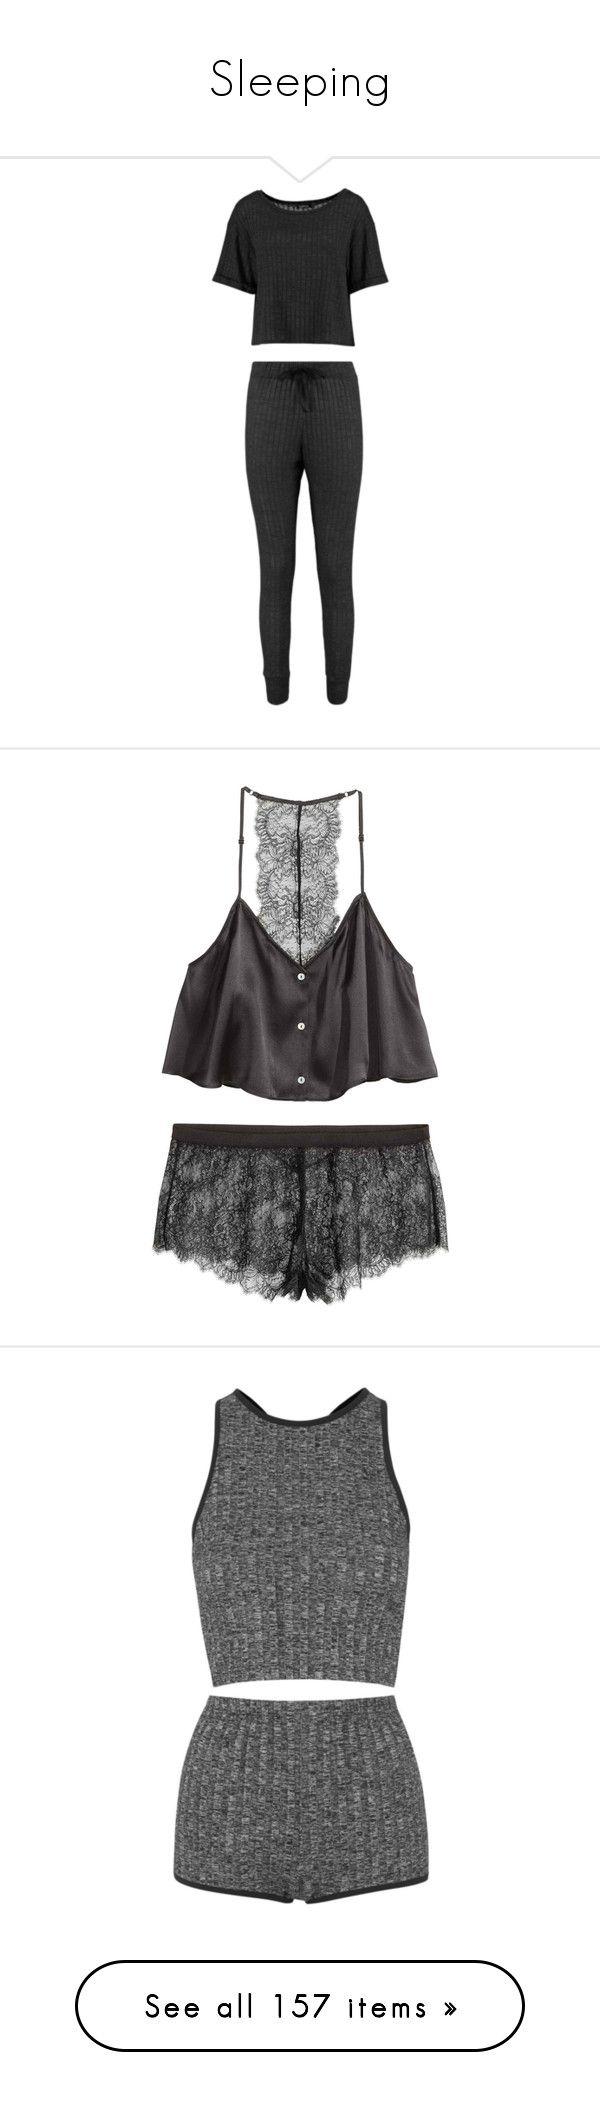 Lace dress nightwear  Sleeping